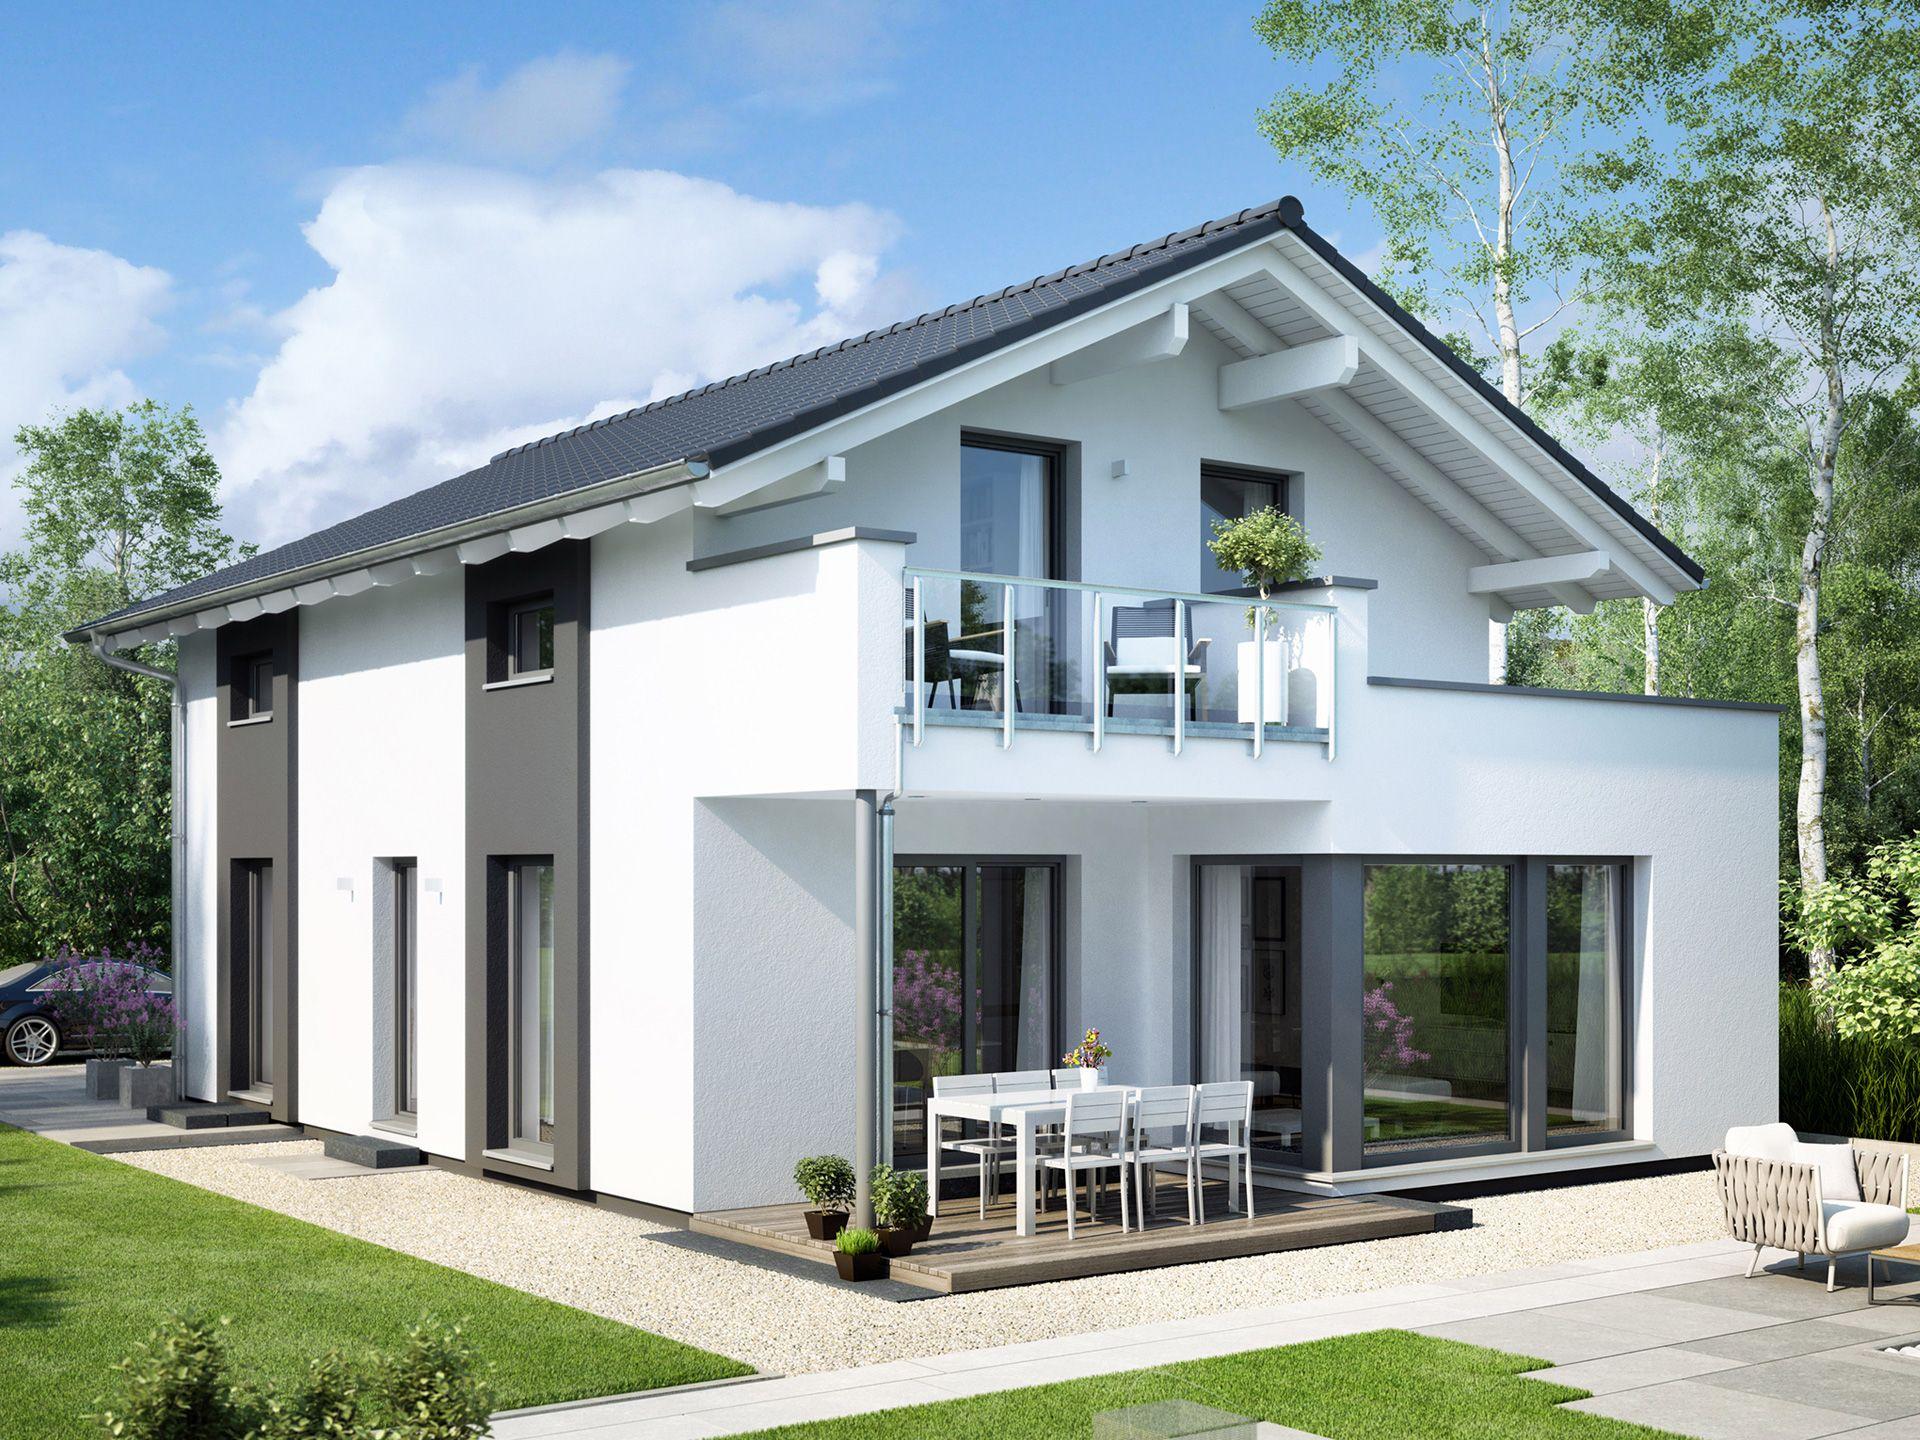 Einfamilienhaus edition 2 v3 in 2019 einfamilienhaus for Billig bauen fertighaus